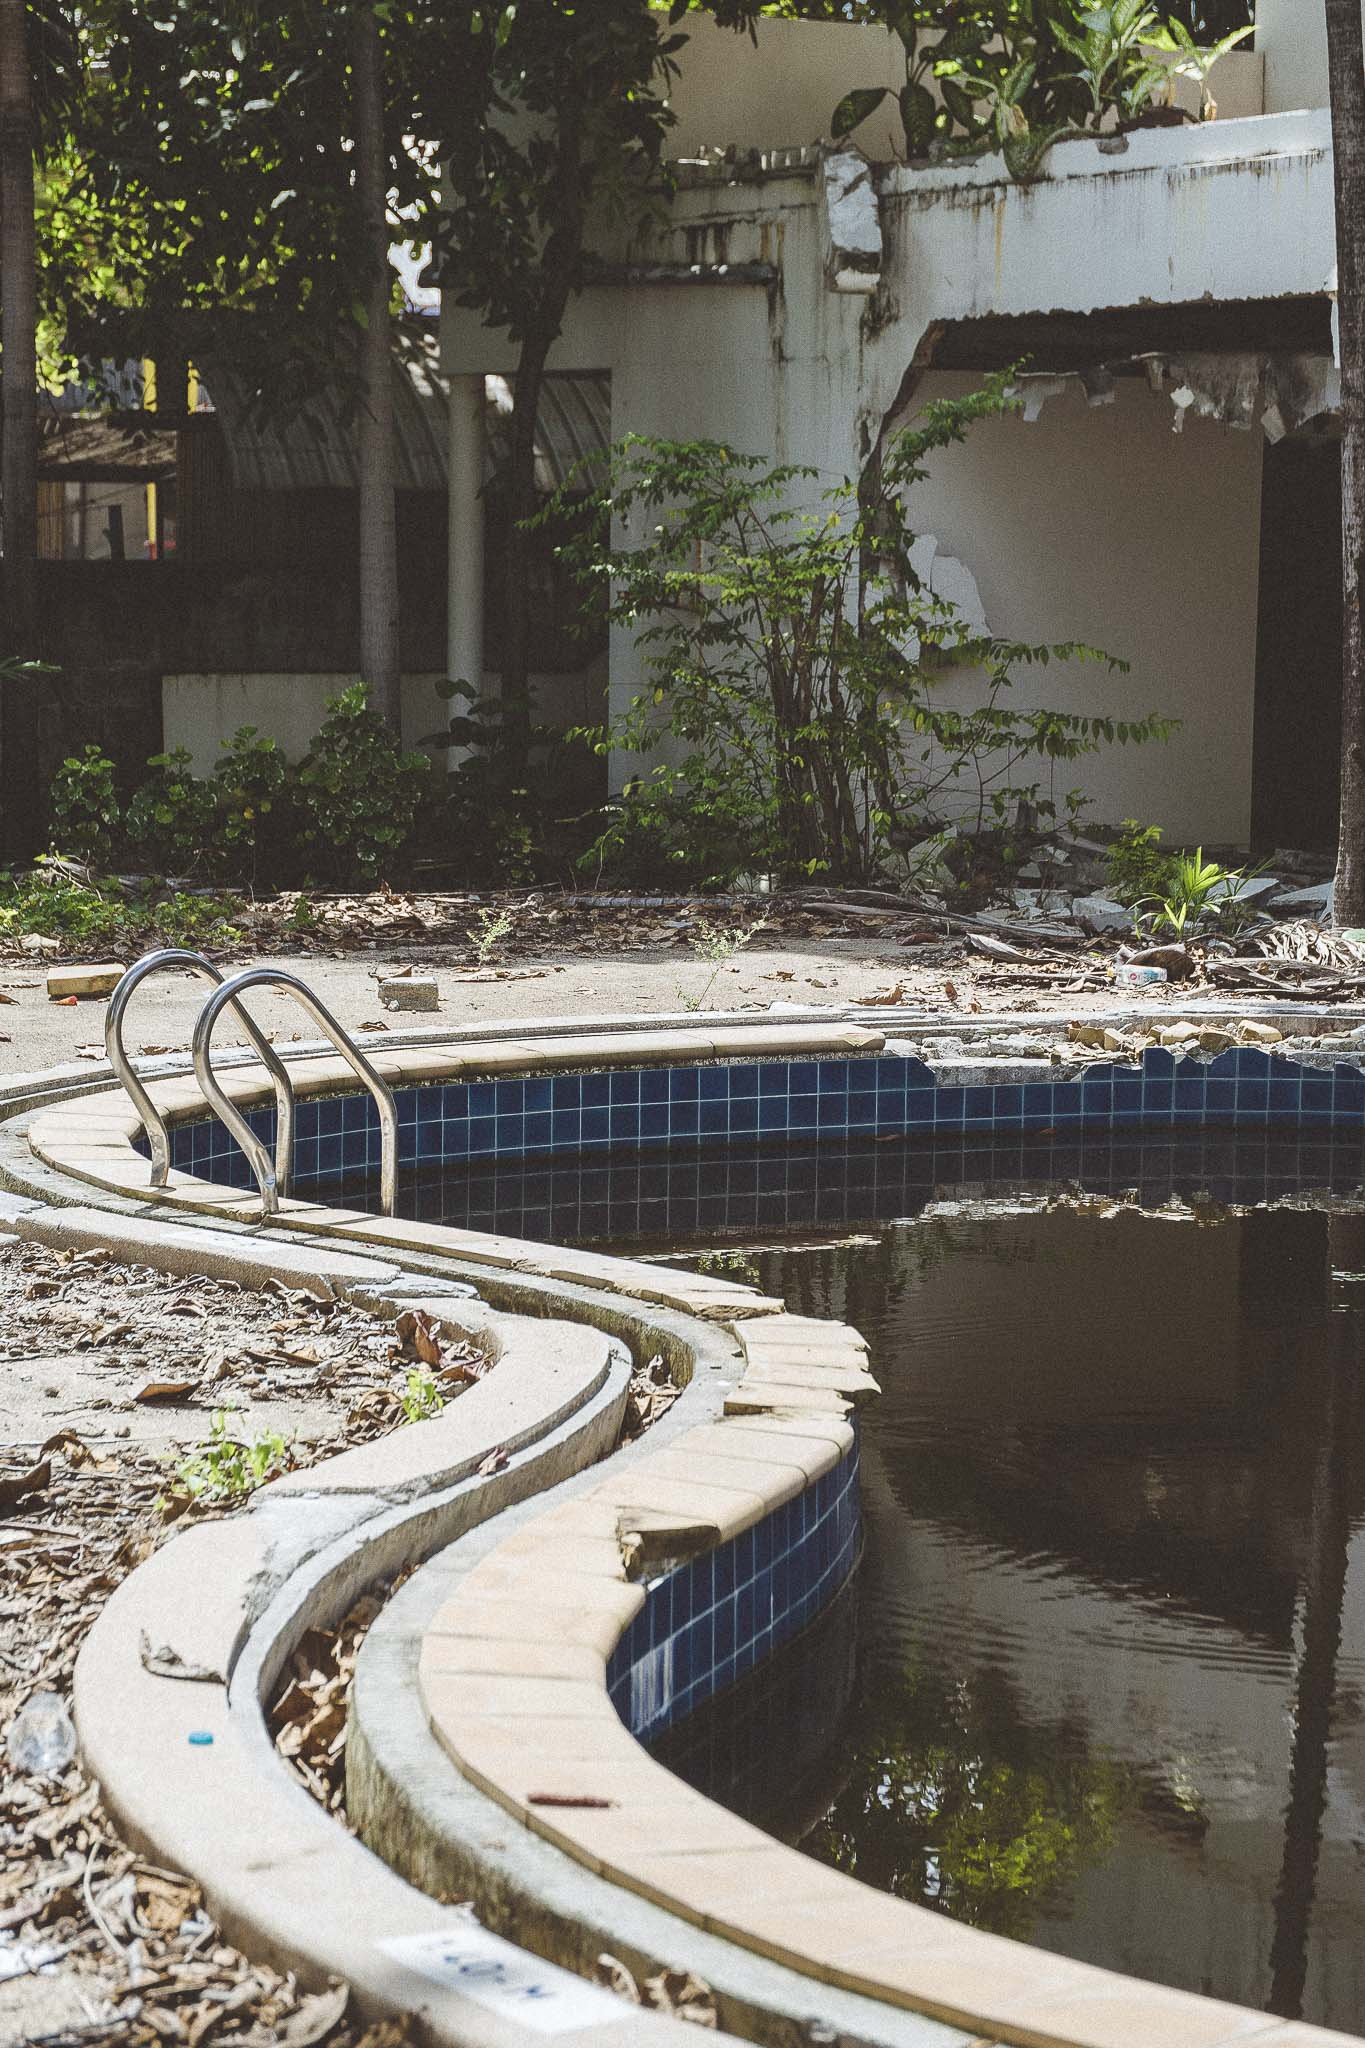 O tym, że Chaweng najlepsze komercyjne lata ma już za sobą widać  po opuszczonych hotelach